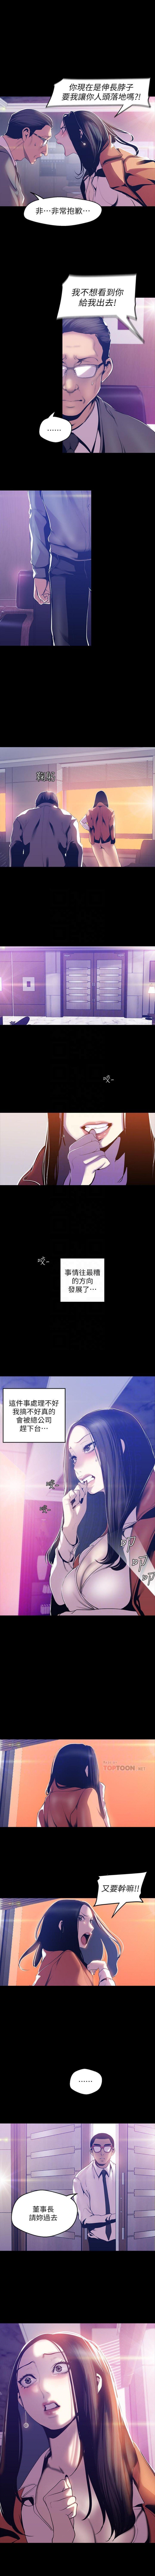 美麗新世界 1-85 官方中文(連載中) 566